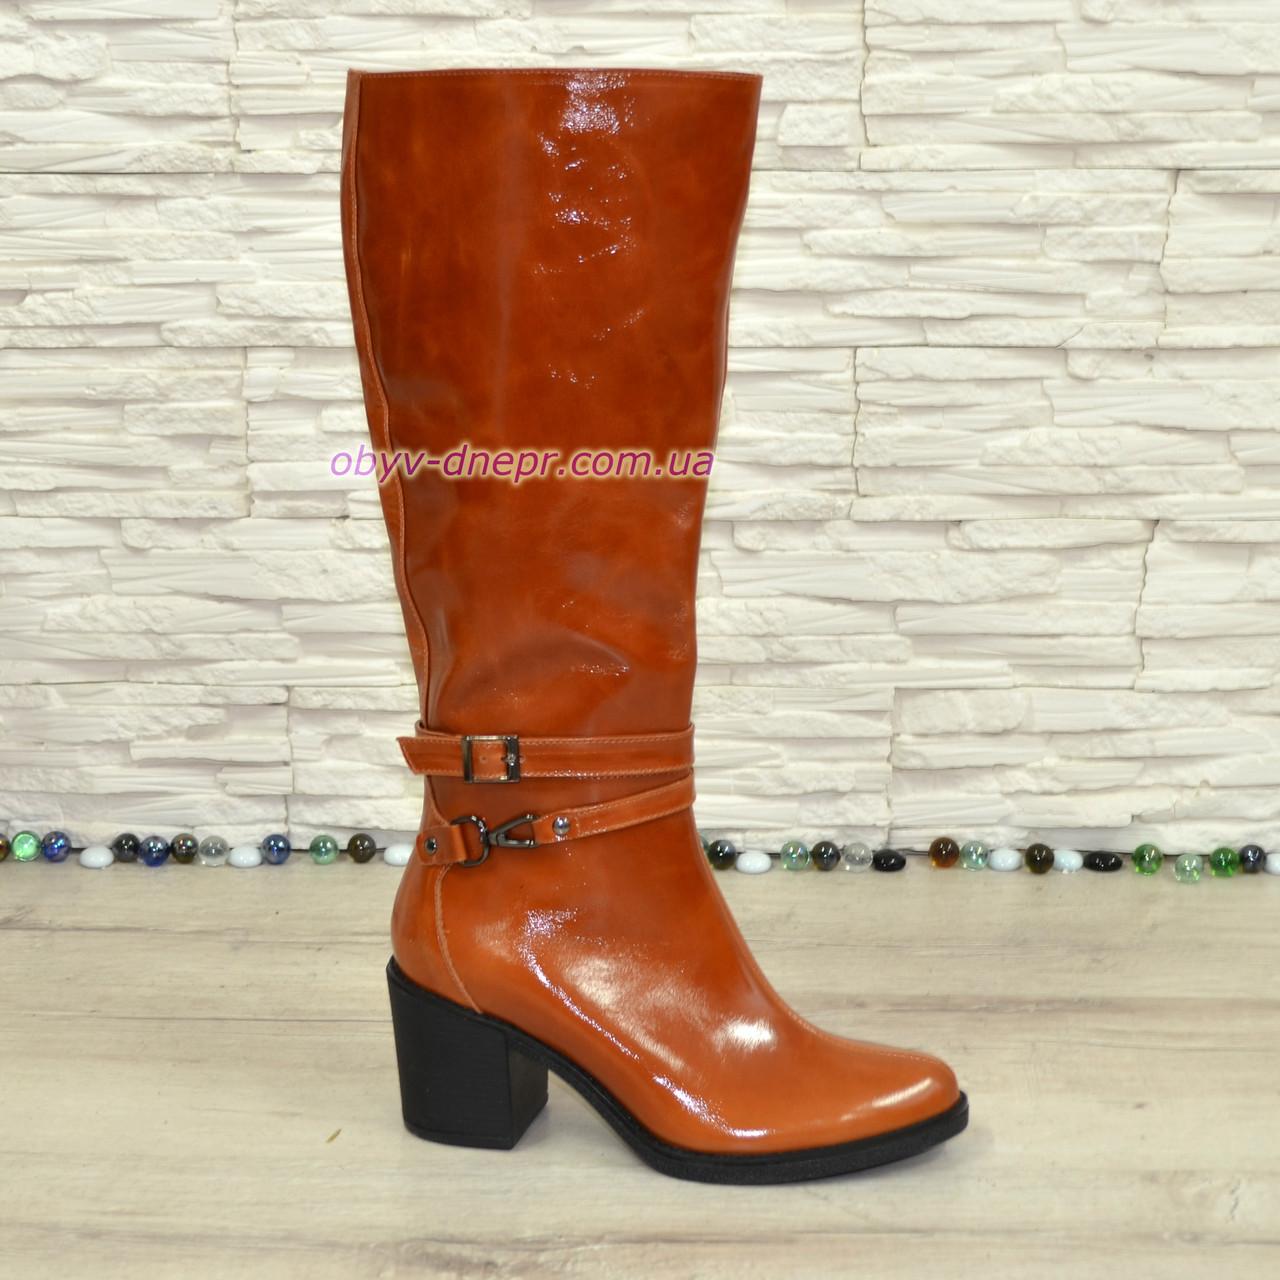 Сапоги женские   кожаные на устойчивом каблуке, цвет рыжий